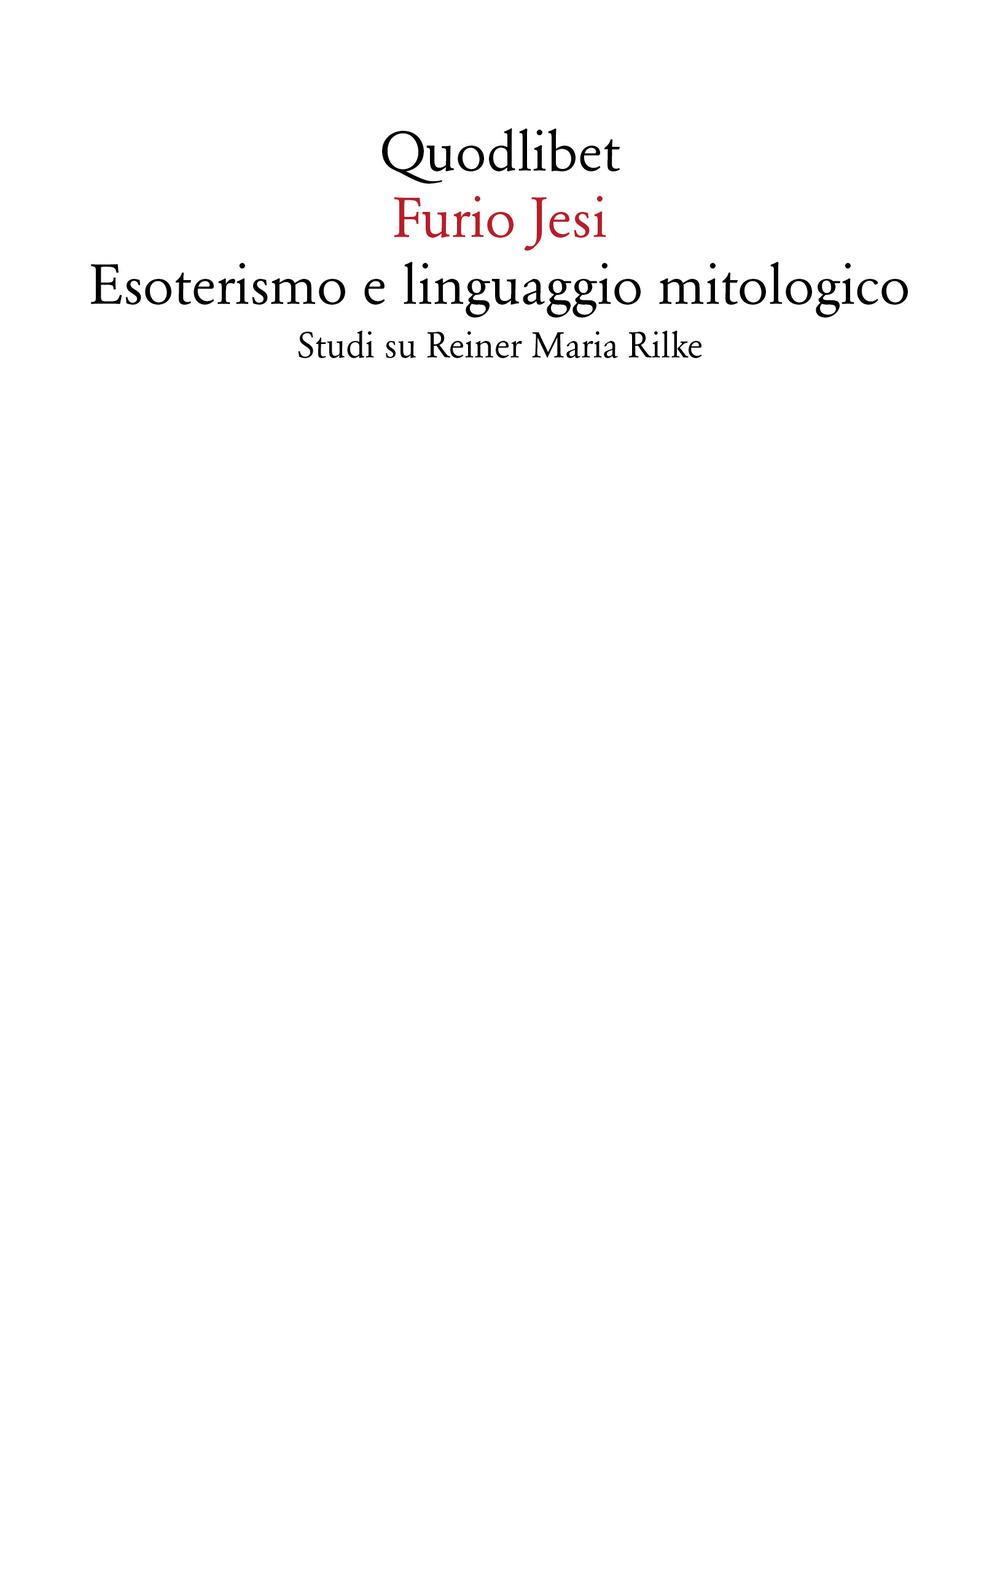 ESOTERISMO E LINGUAGGIO MITOLOGICO. STUDI SU RAINER MARIA RILKE - Jesi Furio; Cavalletti A. (cur.) - 9788822904874